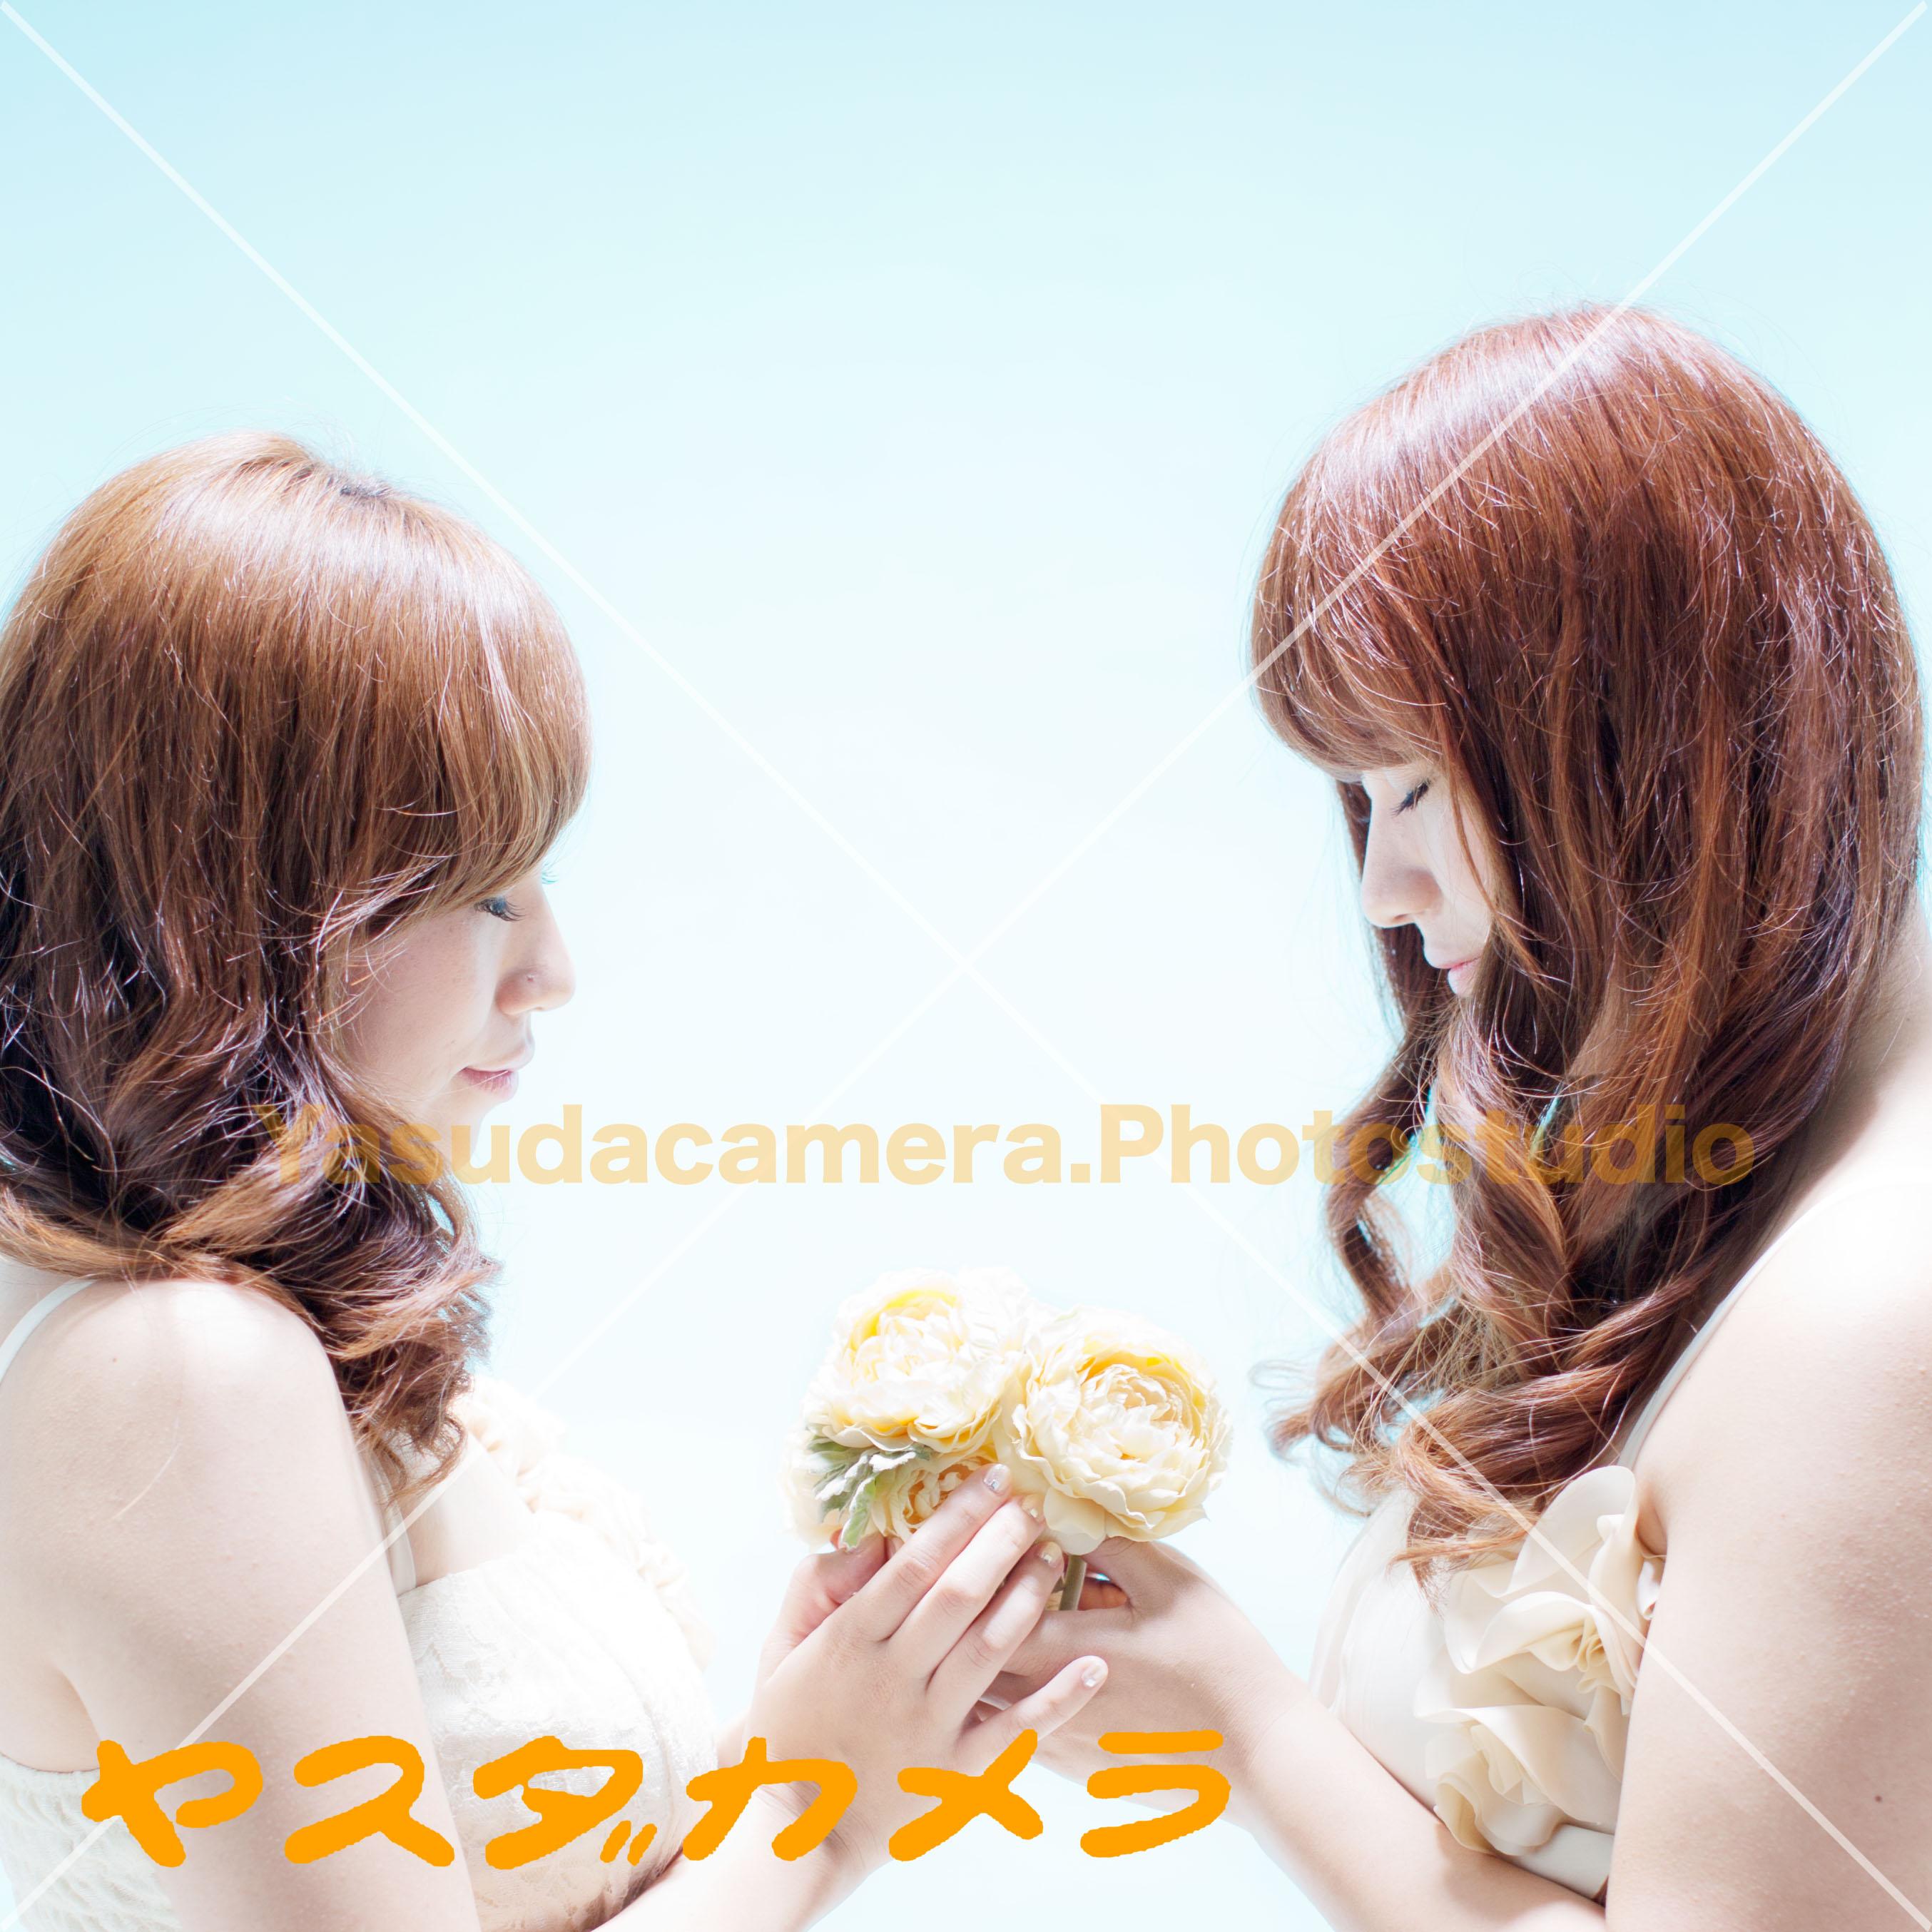 和歌山で商業写真のことなら〜ヤスダカメラ〜